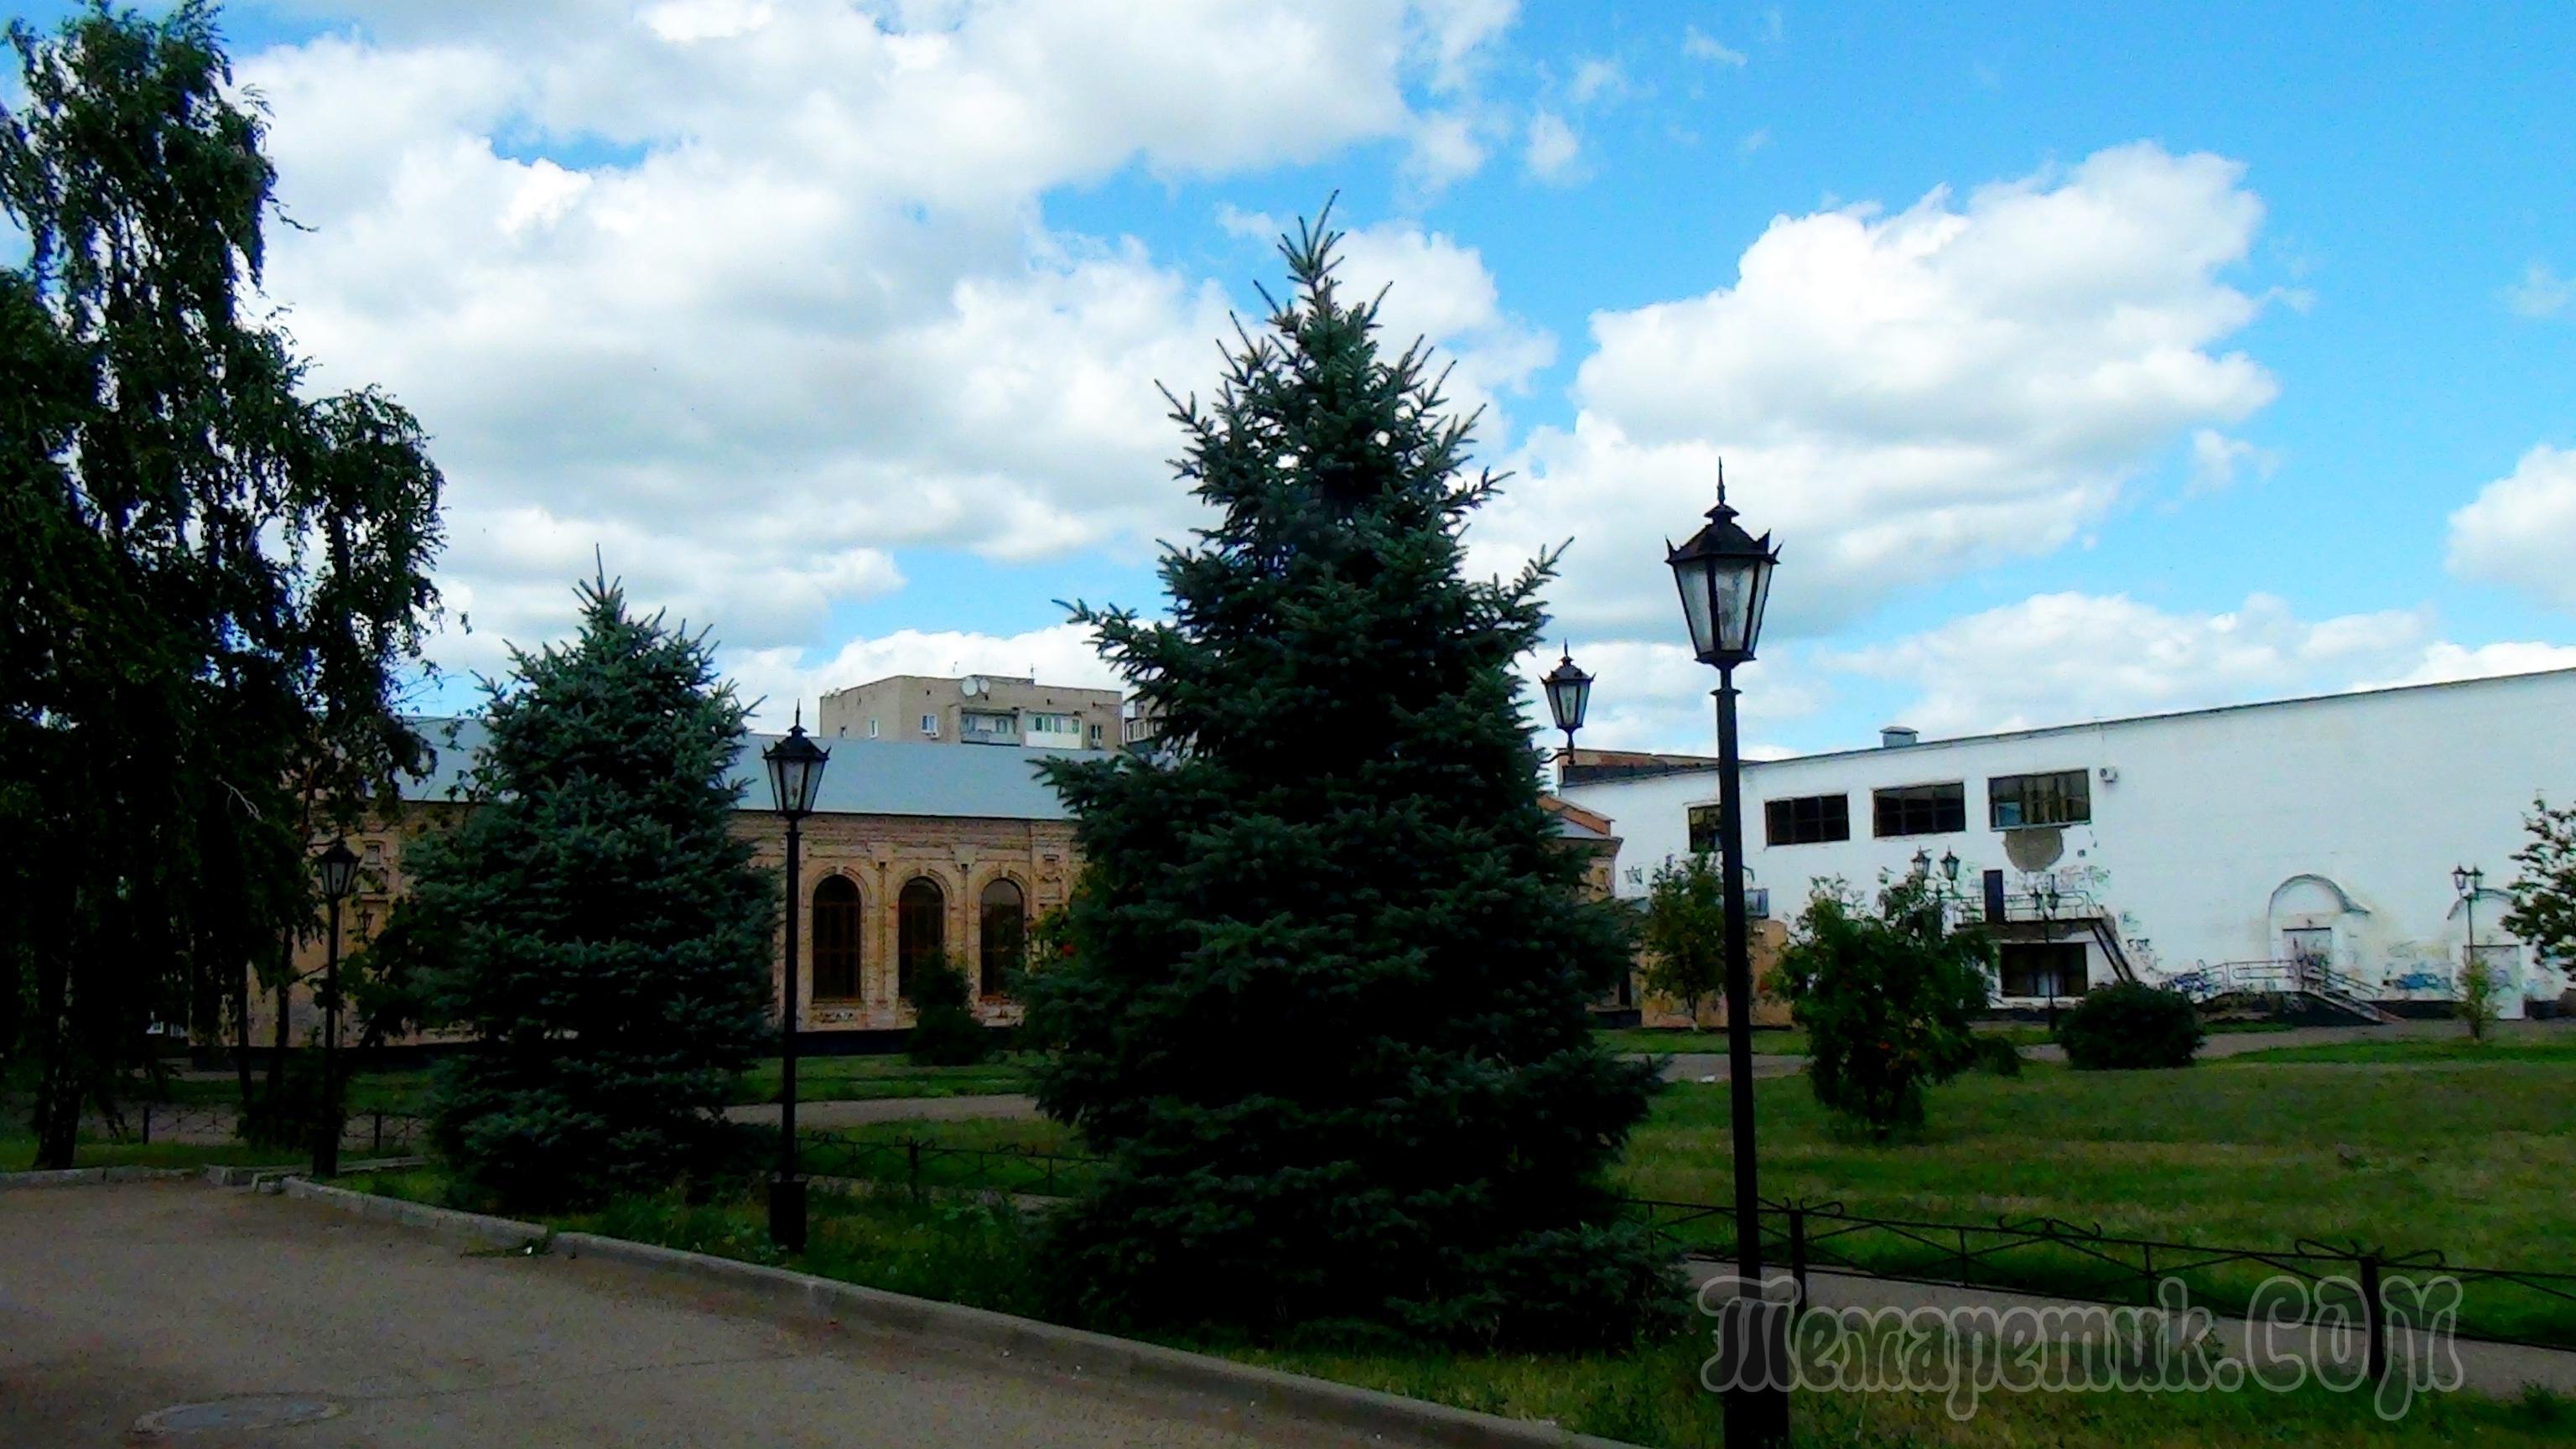 Сайт иркутской городской клинической больница